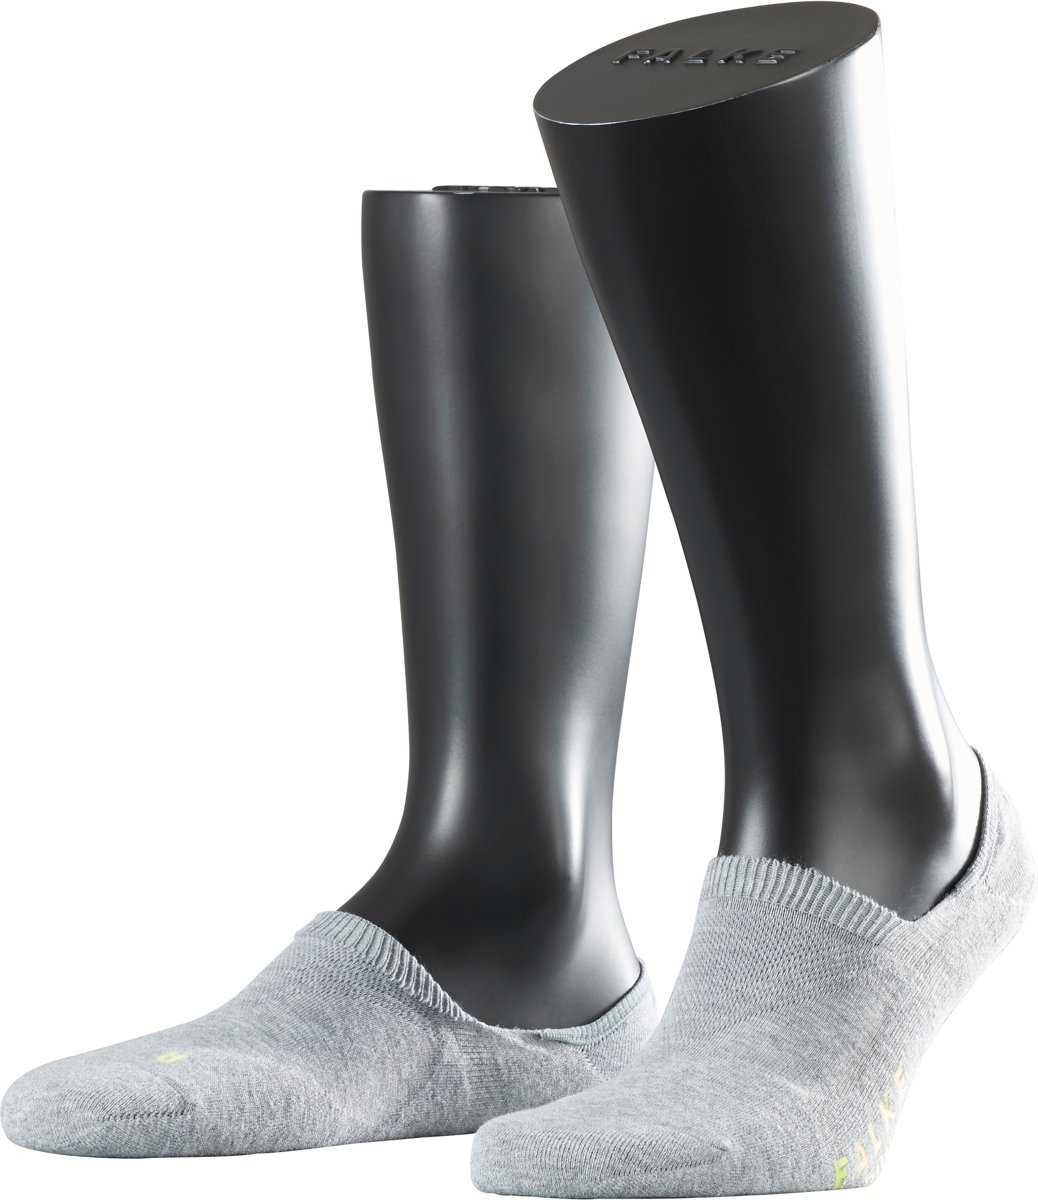 FALKE Cool Kick Invisible Sneakersokken - Licht grijs - Maat 46-48 kopen